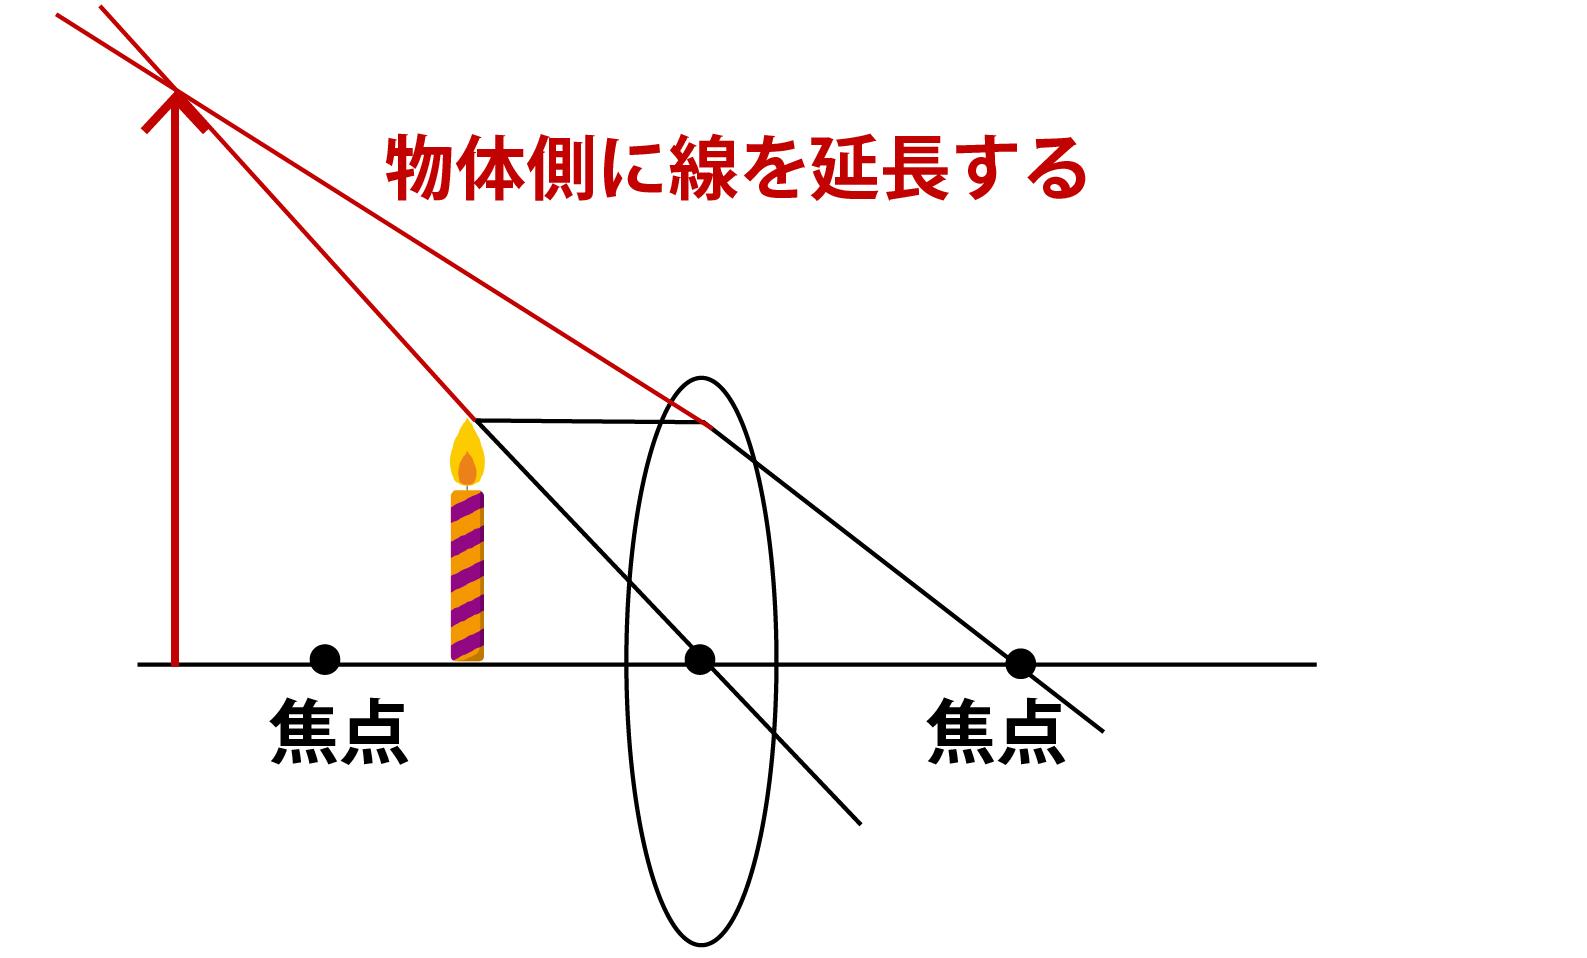 凸レンズ・虚像についての解説画像凸レンズ・虚像についての解説画像